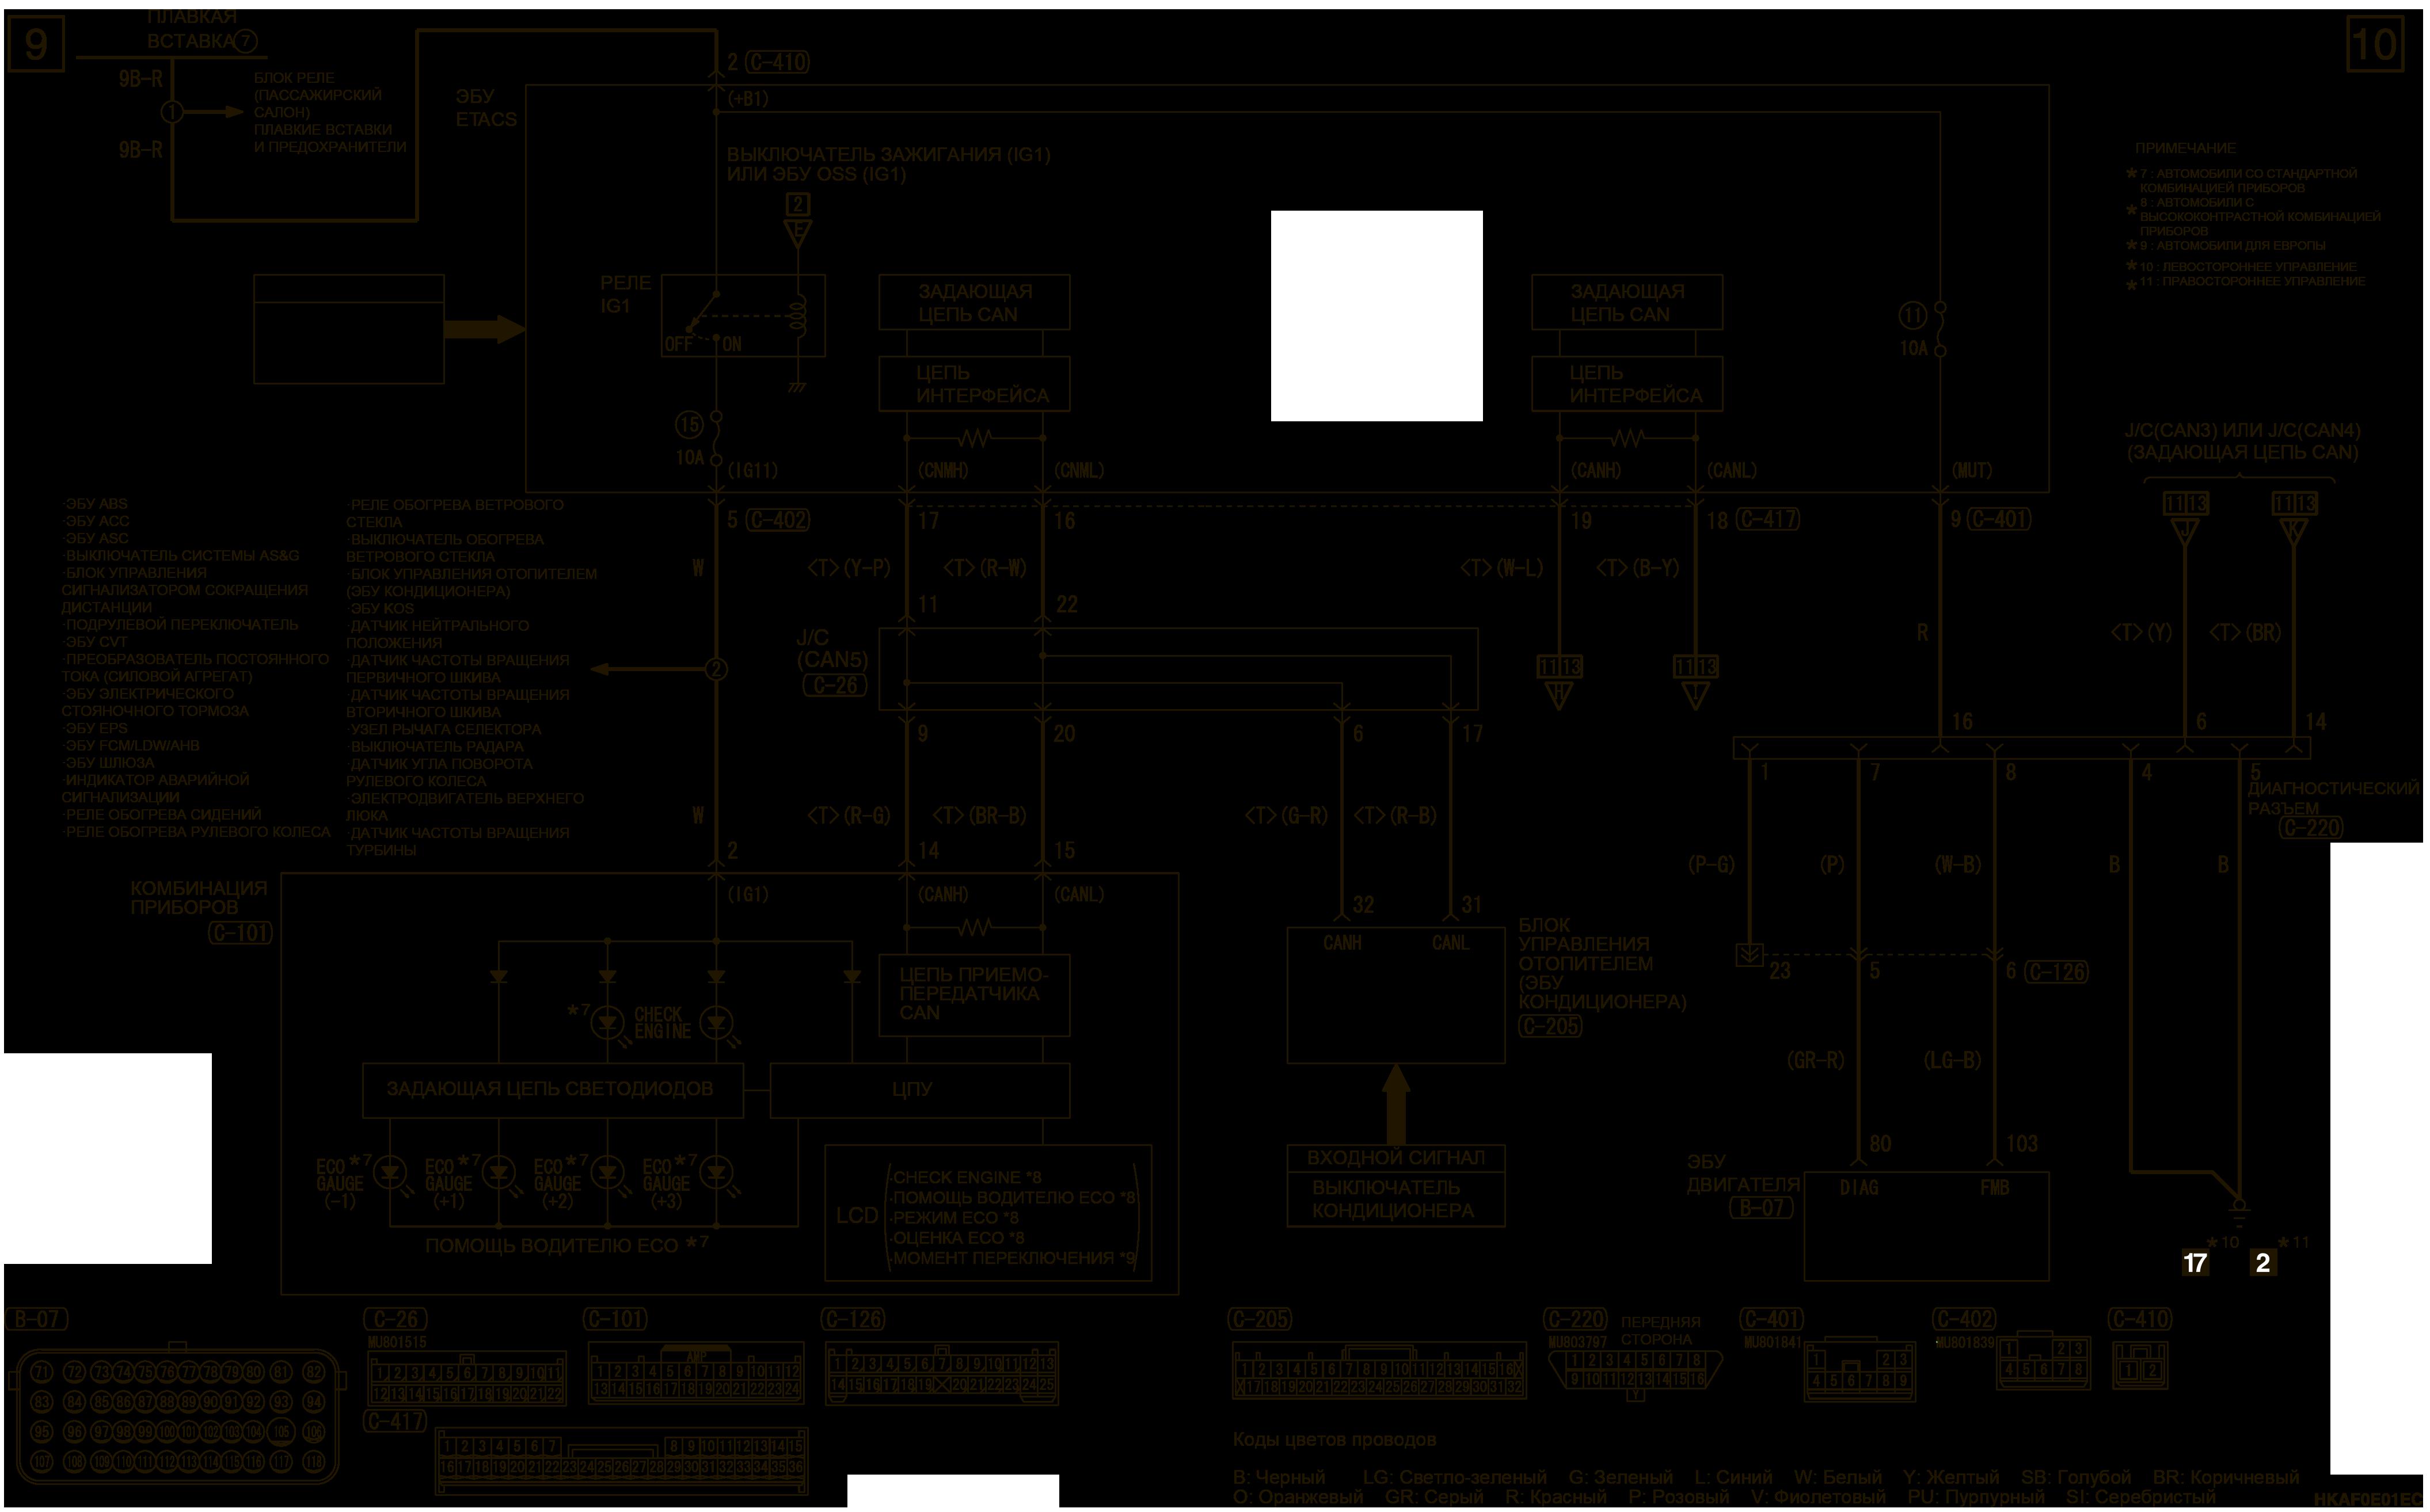 mmc аутлендер 3 2019 электросхемаСИСТЕМА УПРАВЛЕНИЯ ДВИГАТЕЛЕМ 4J1